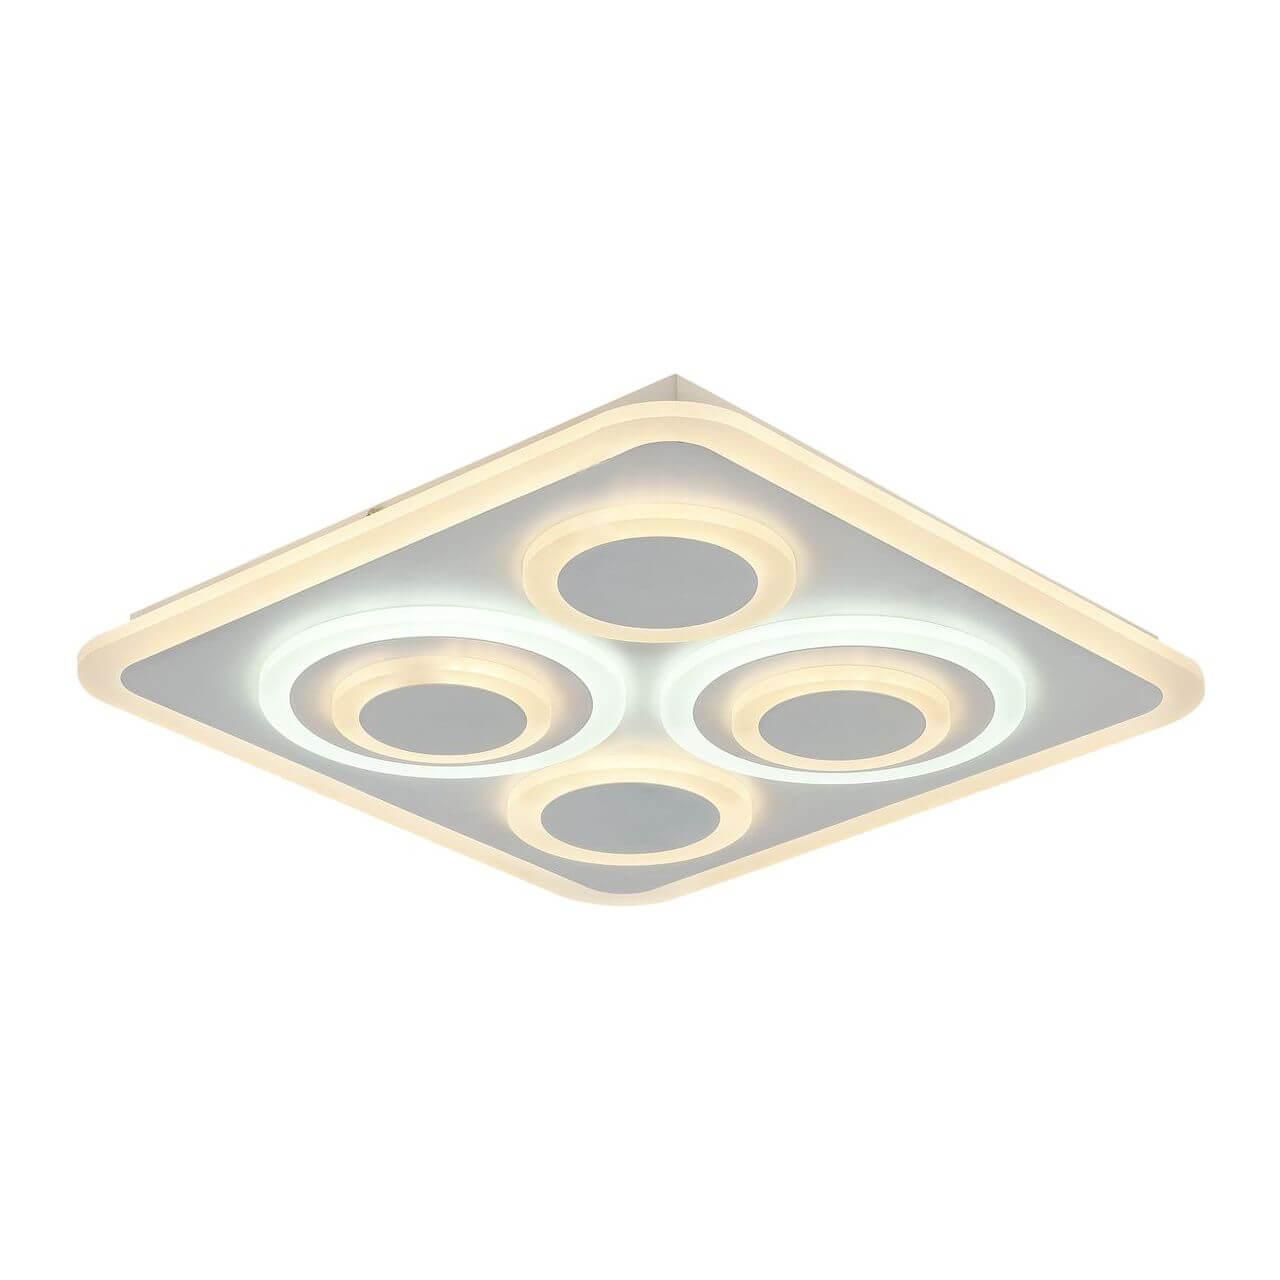 Потолочный светодиодный светильник F-Promo Ledolution 2280-5C